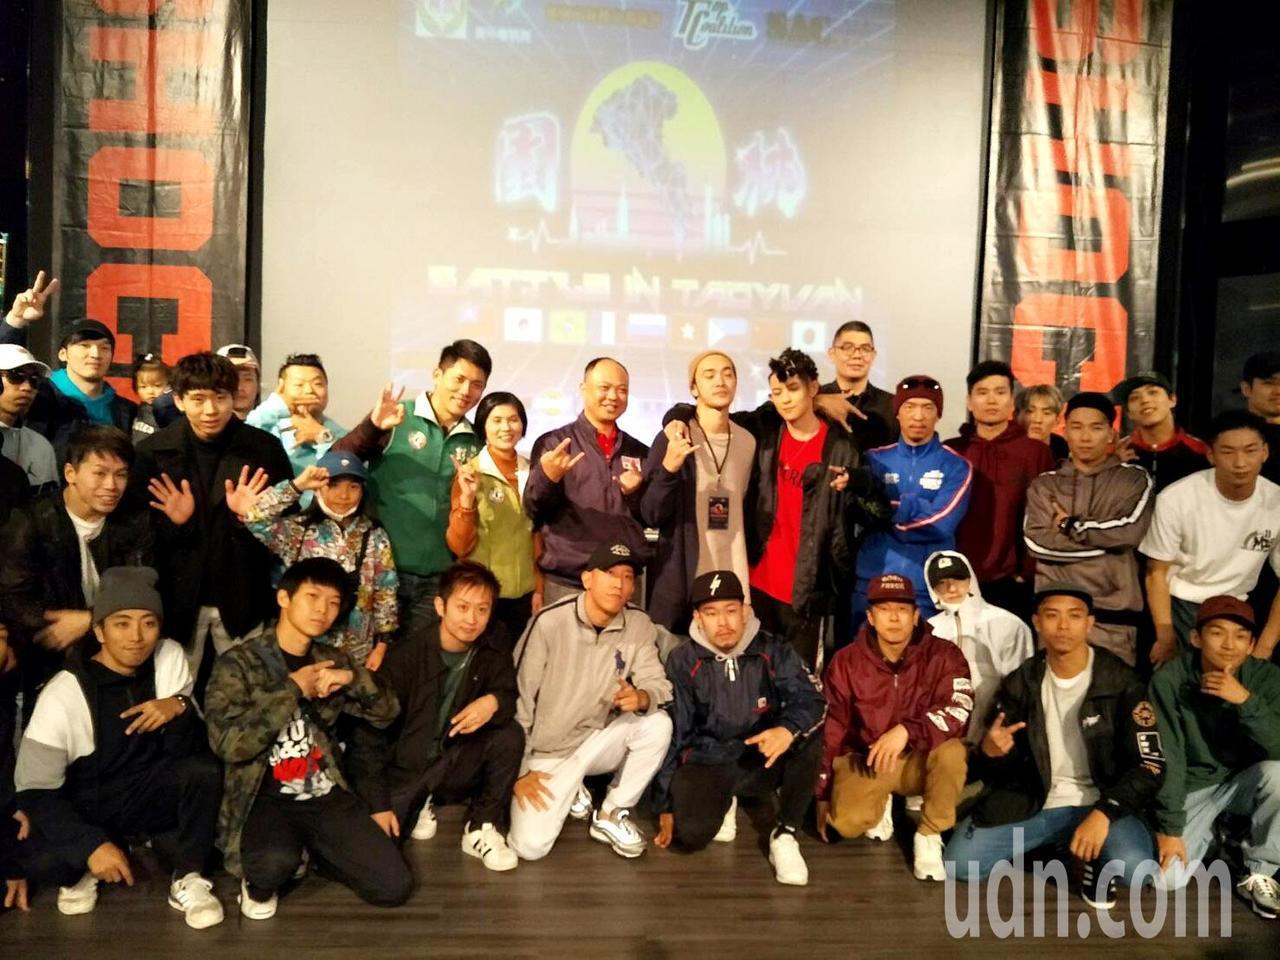 全台最大型BBOY國際街舞大賽開賽,來自世界各地實力強勁的BBOY舞林高手和來賓...